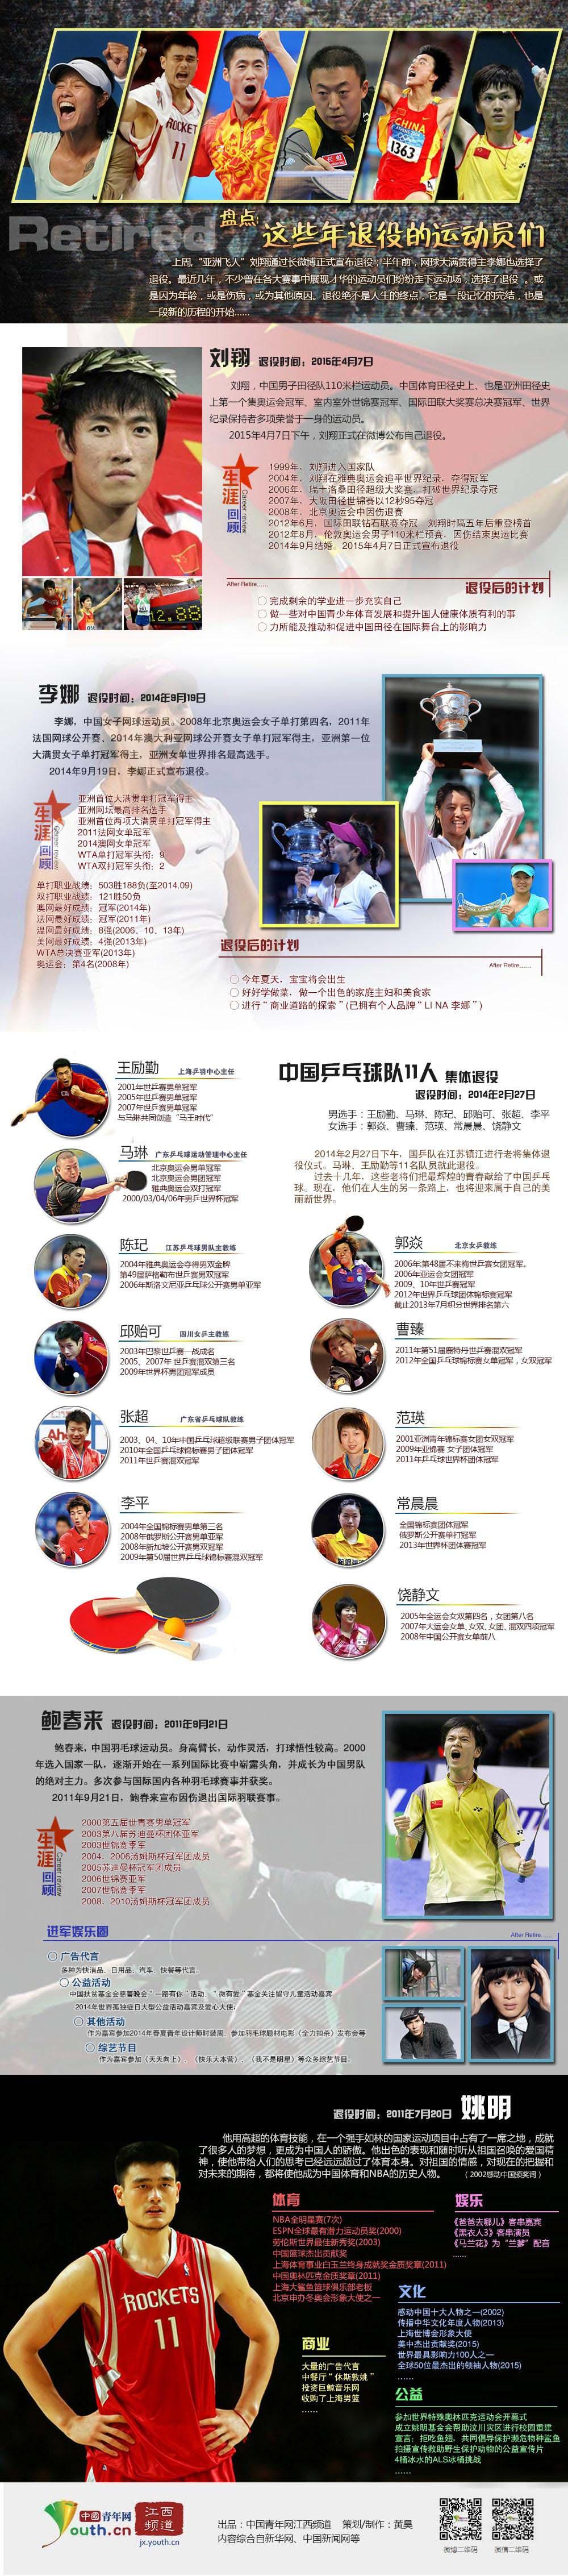 刘翔退役,运动员退役,李娜,姚明